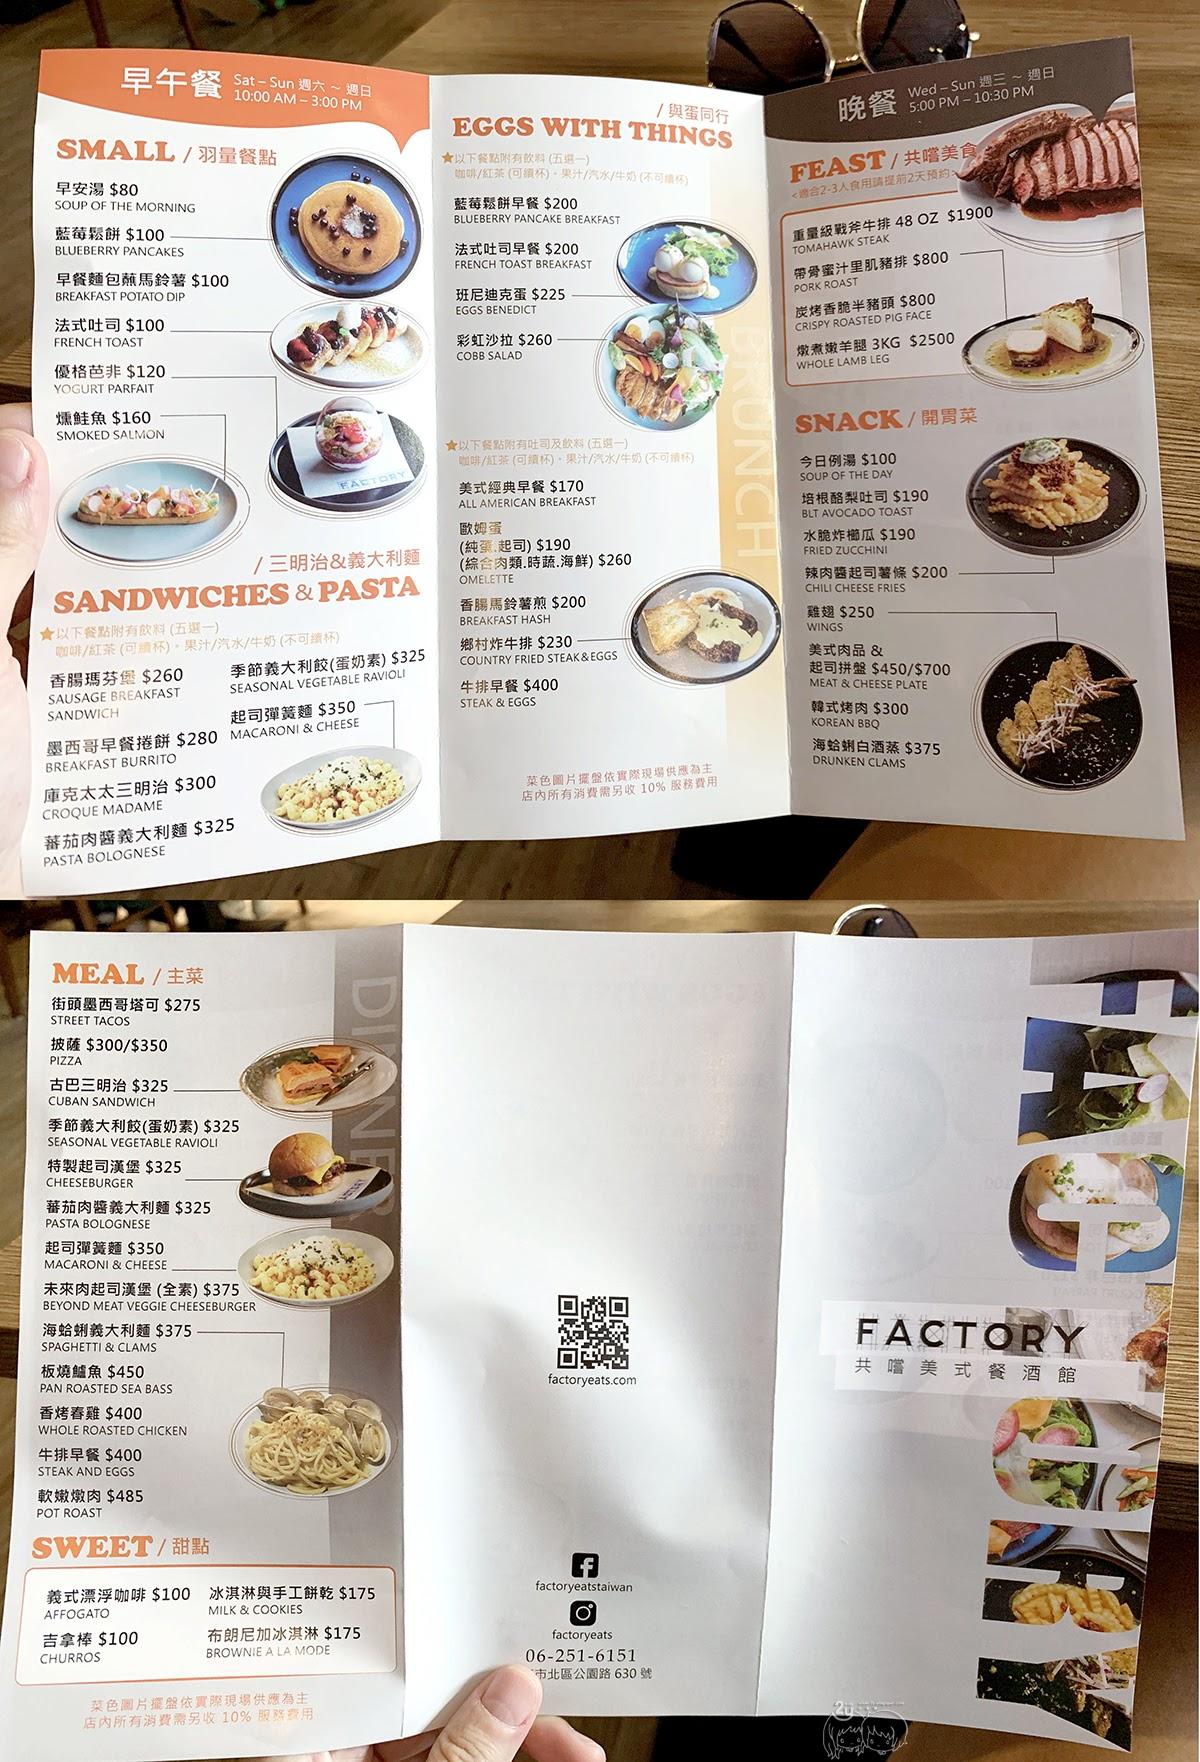 台南|北區 Factory共嚐美式料理坊|美式料理|Brunch美式早午餐|親子家庭聚餐推薦